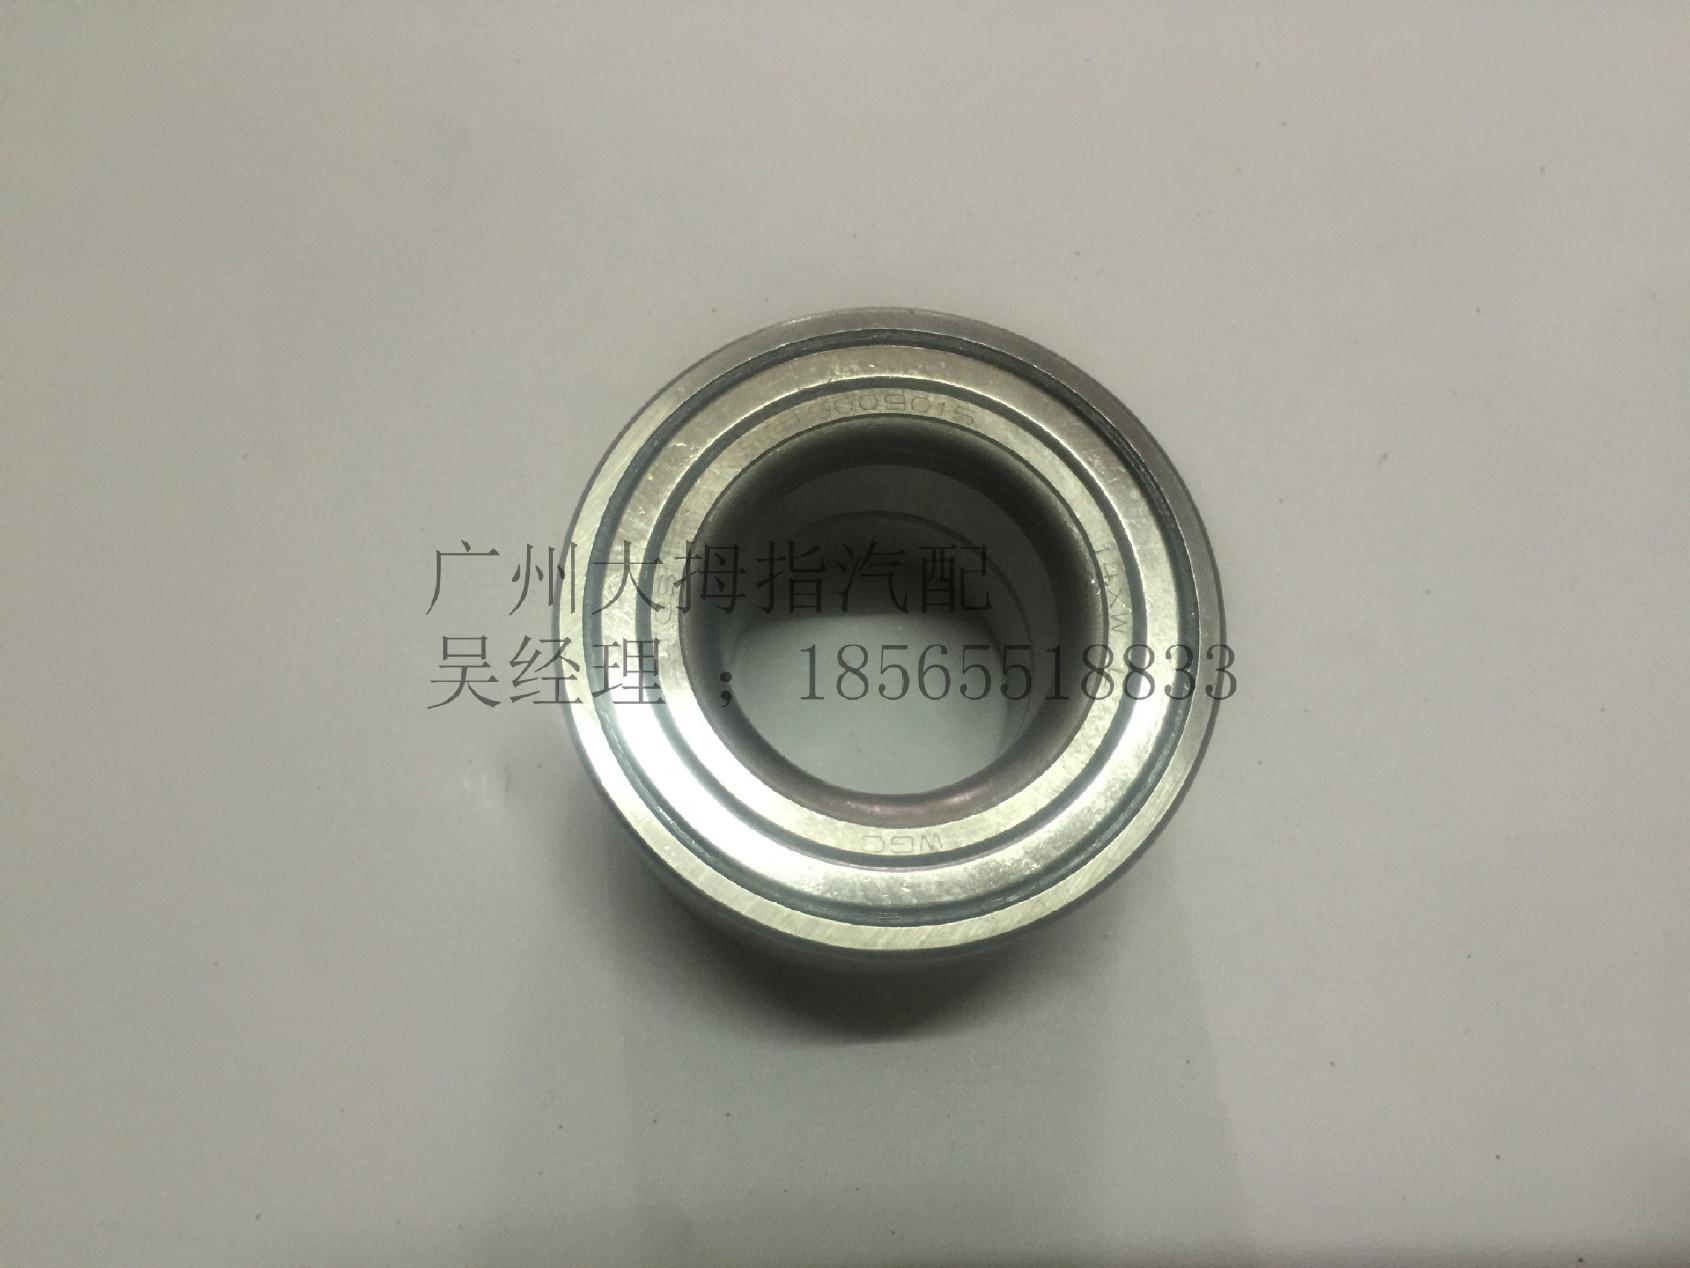 华晨金杯智尚s30汽车配件半轴原厂,价格新车轴承正品前轮09年爱丽舍轴承图片